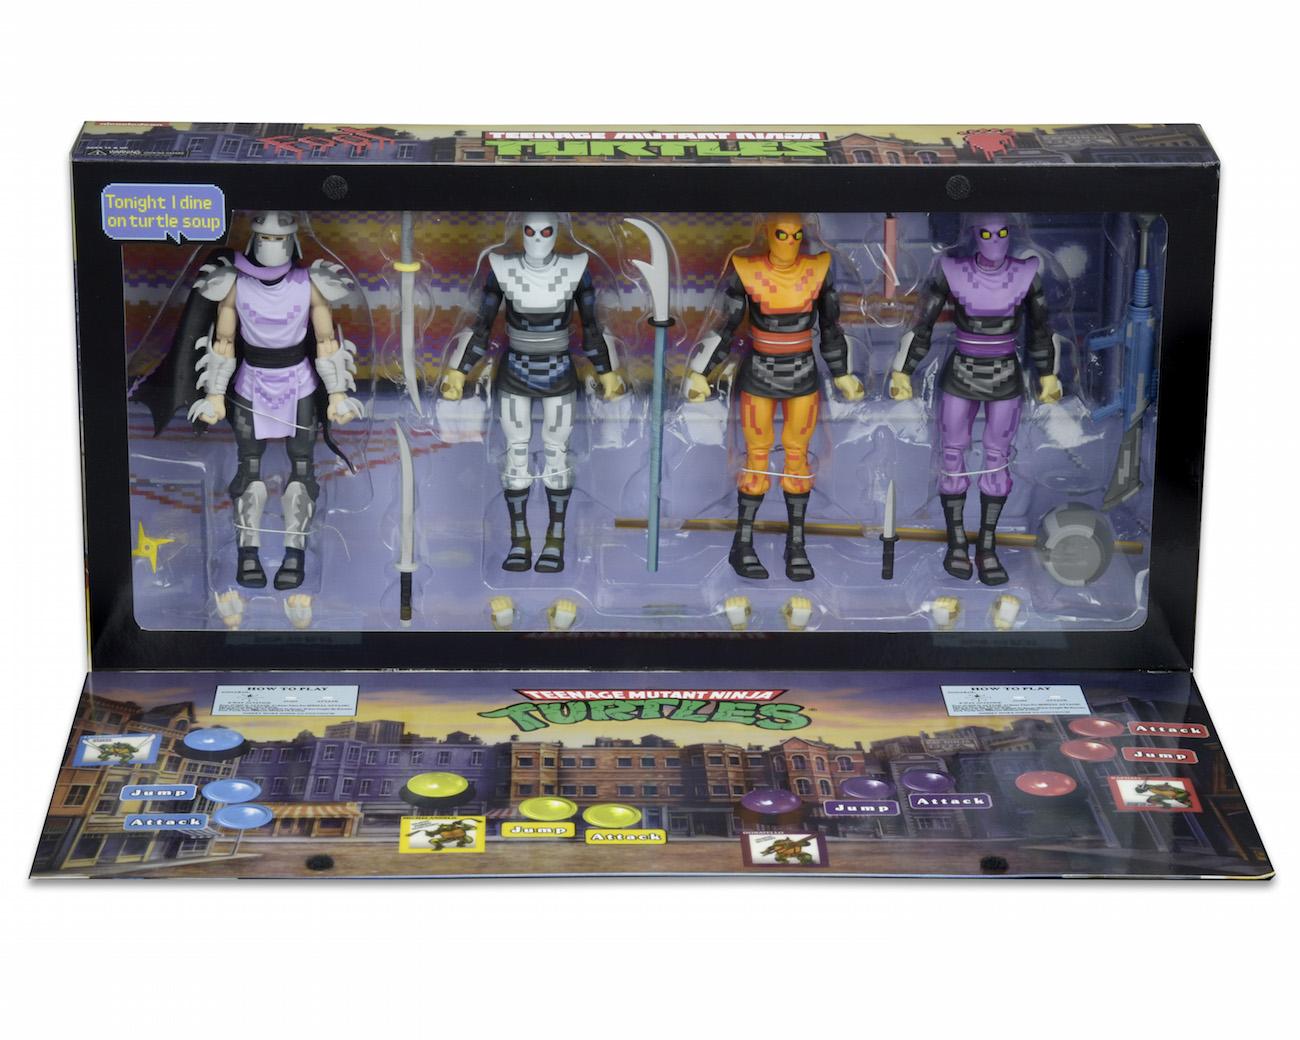 Teenage Mutant Ninja Turtles Shredder Toy : Ninja pizza teenage mutant ninja turtles news & information